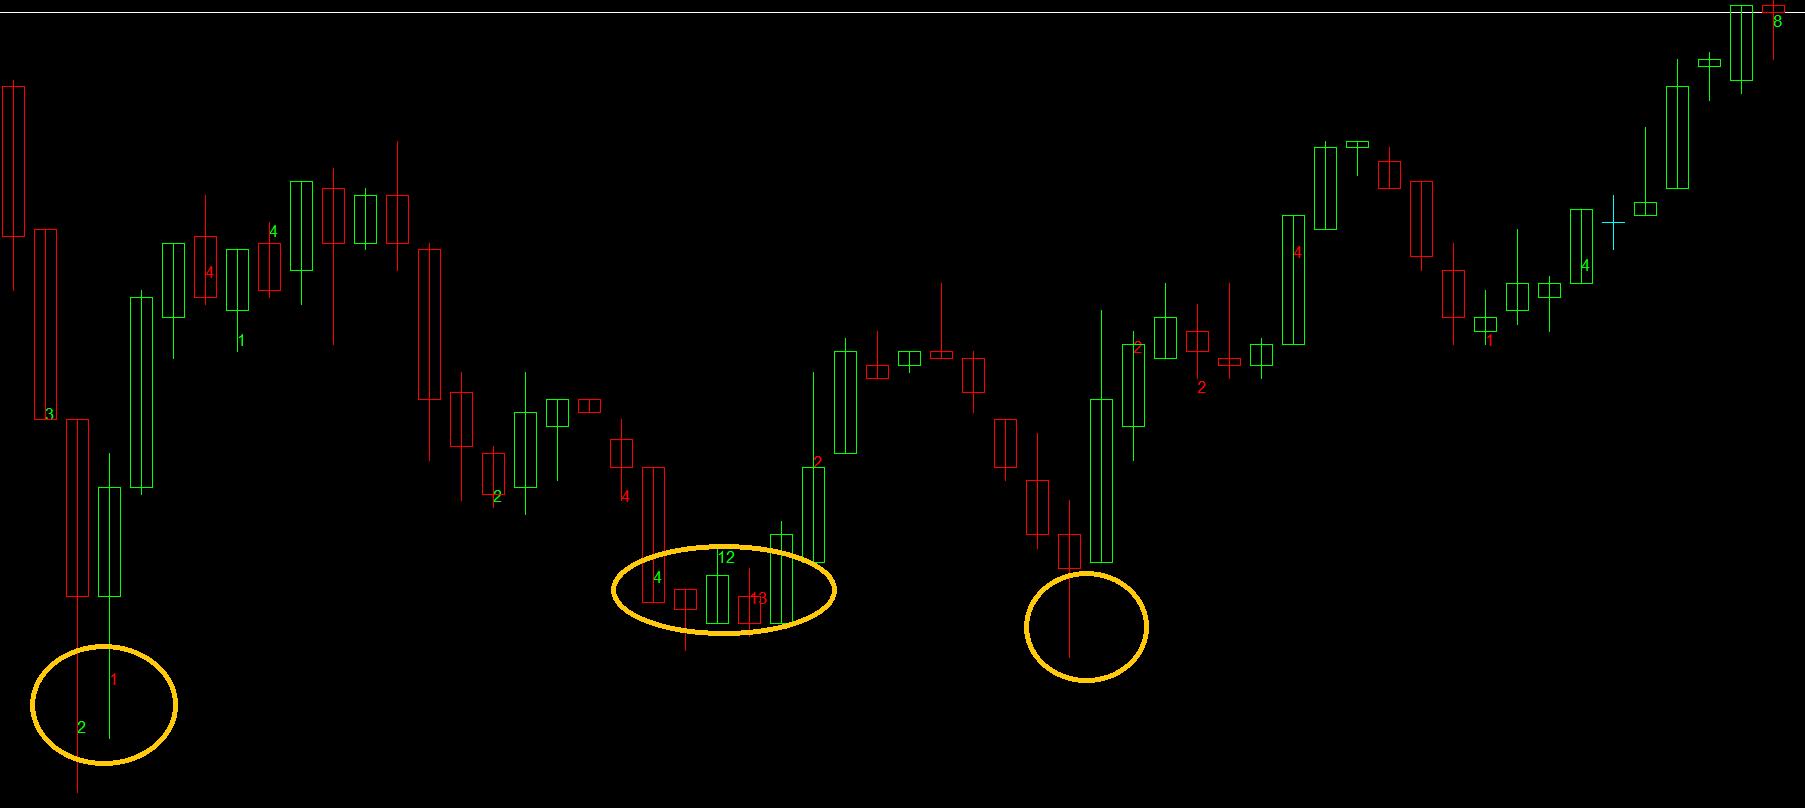 Veja onde está sendo a atuação dos grandes players de mercado